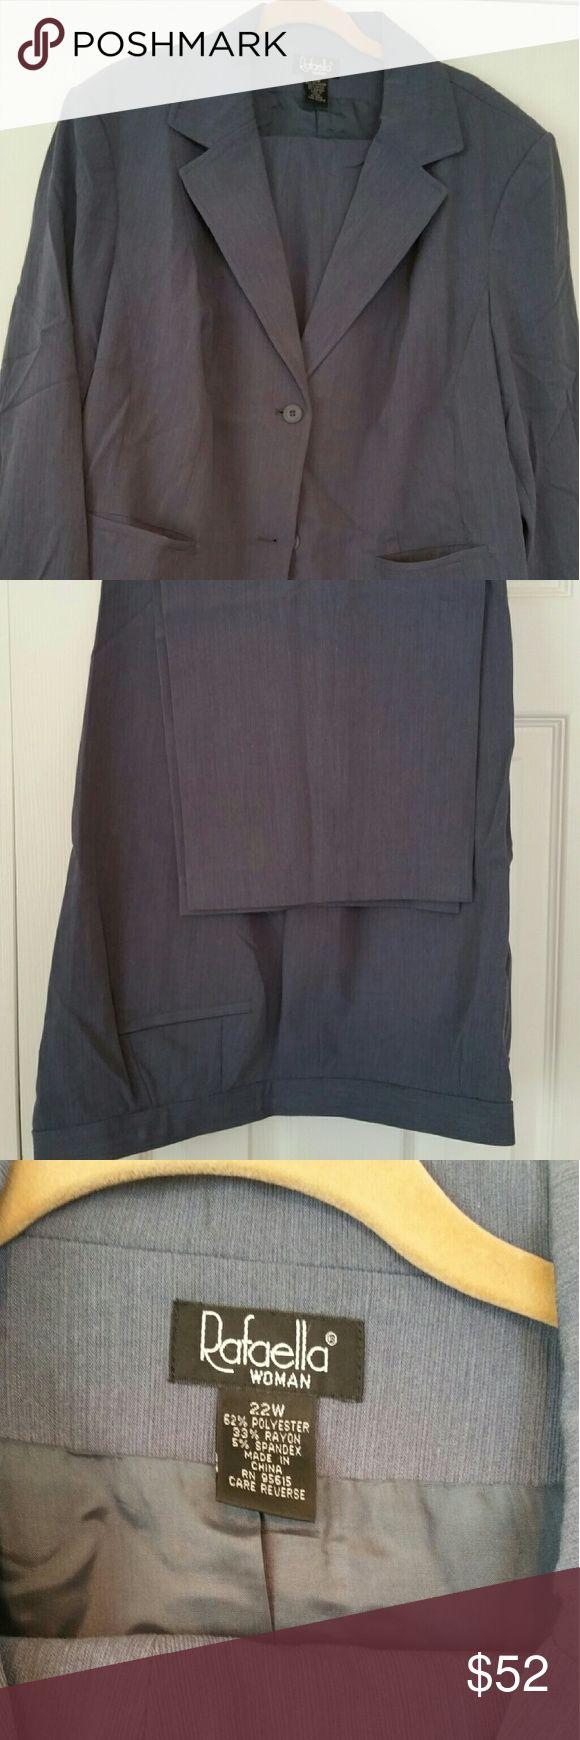 Business pants suit Black and gray pants suit Rafaella Pants